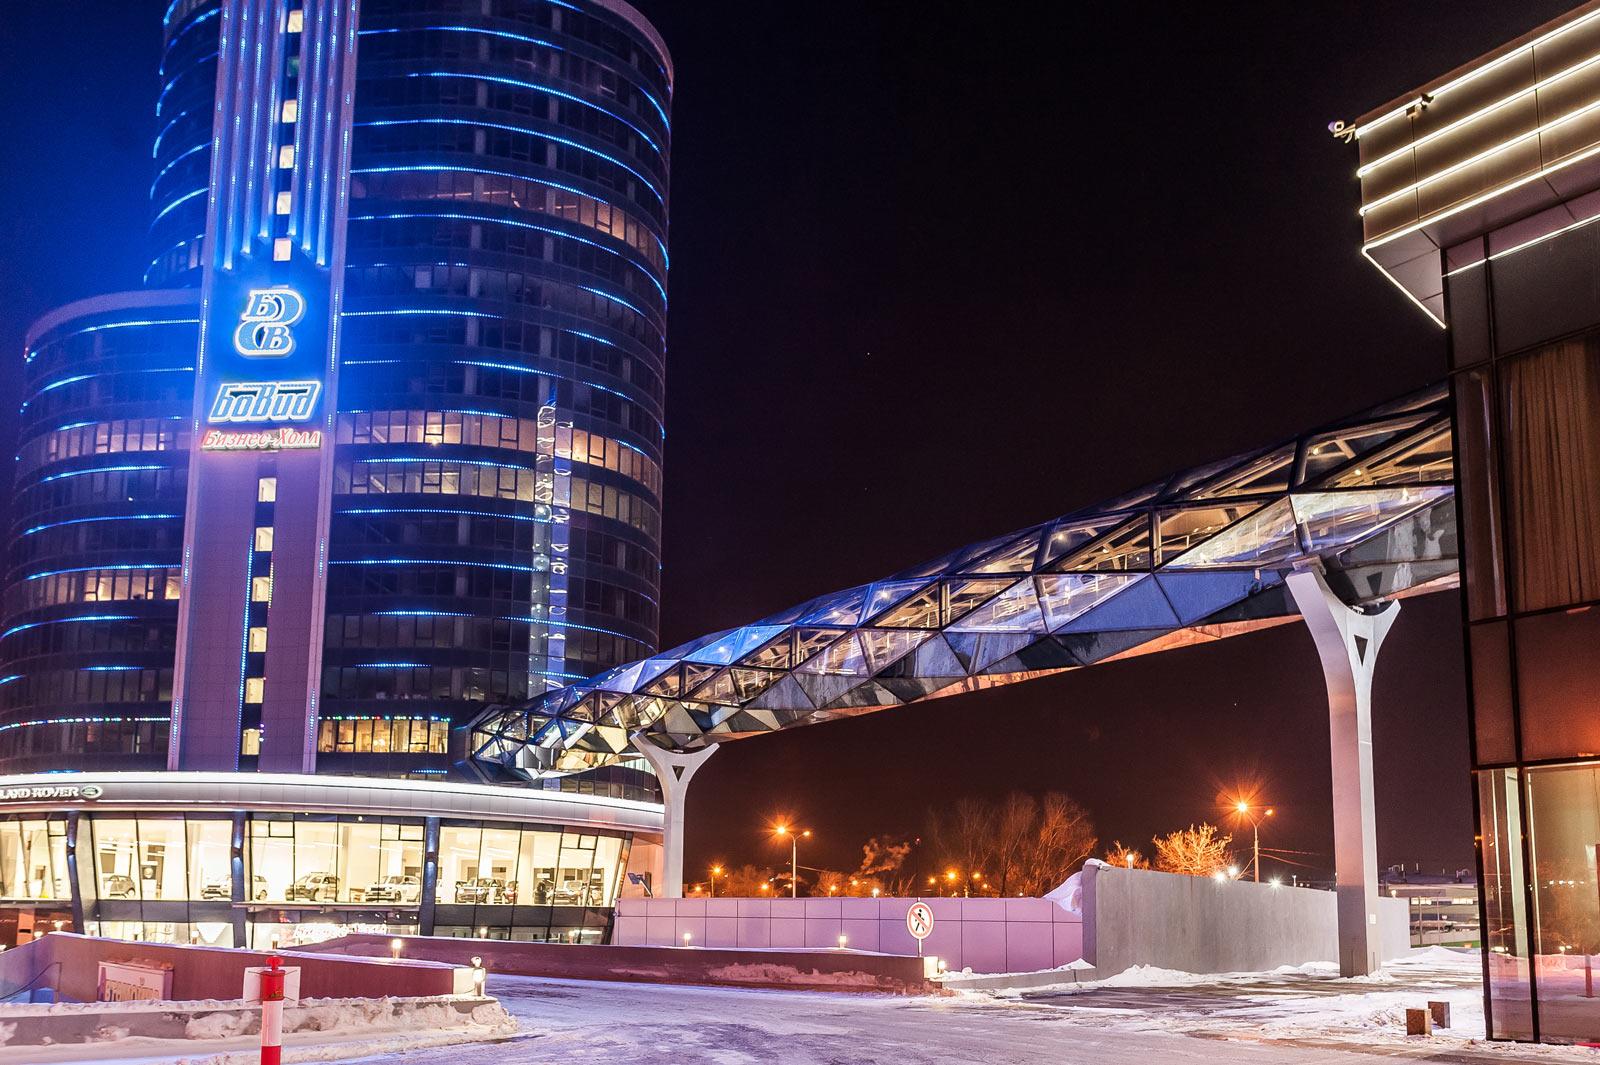 Строительство трубопроводной системы ВСТО компании «Транснефть», Иркутская область